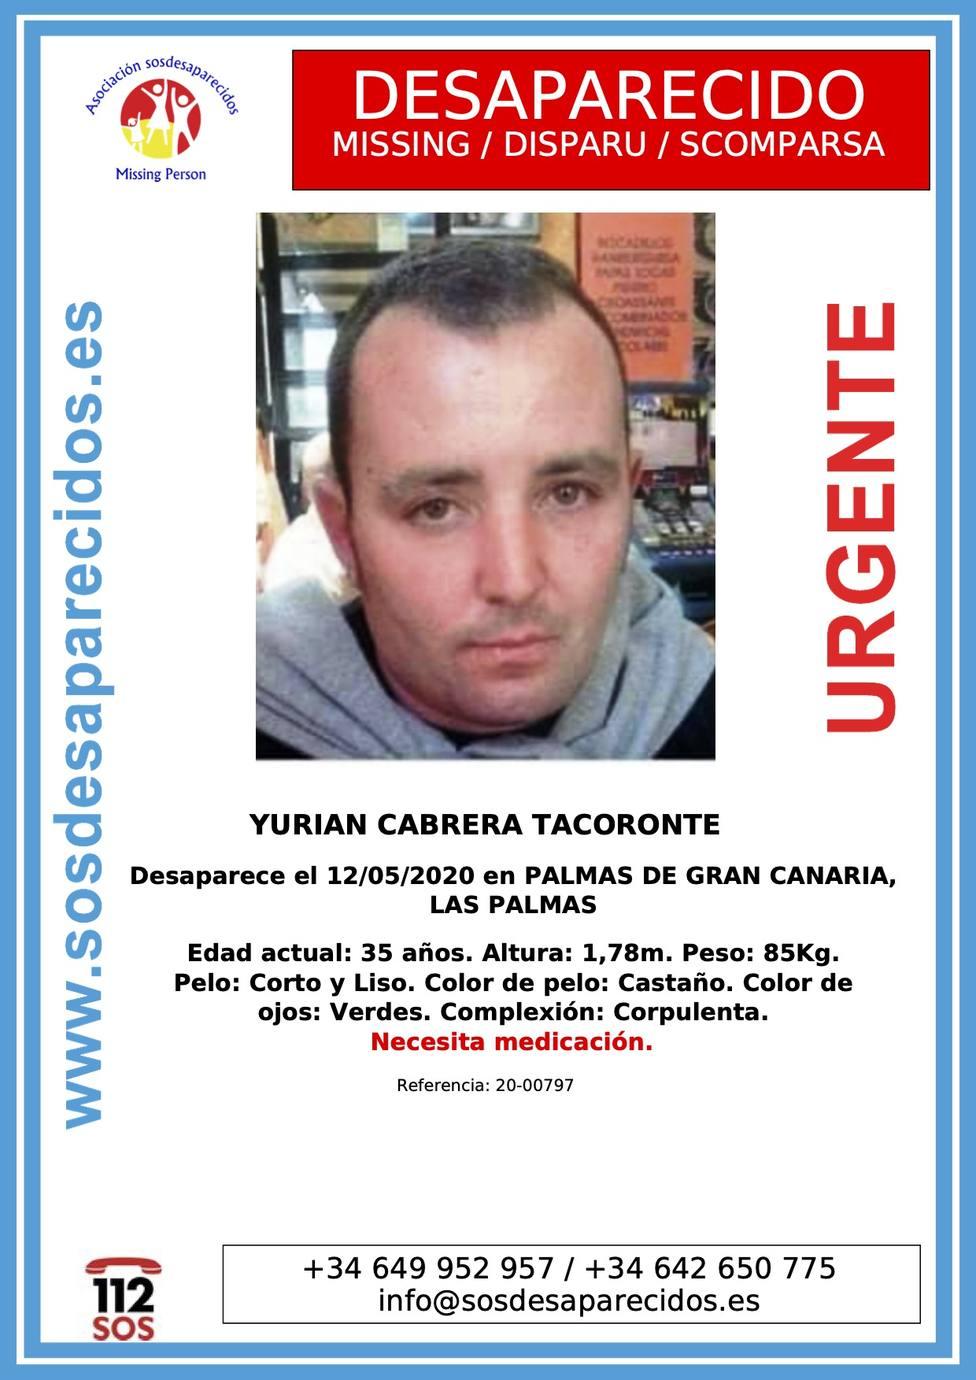 Yurian Cabrera Tacoronte